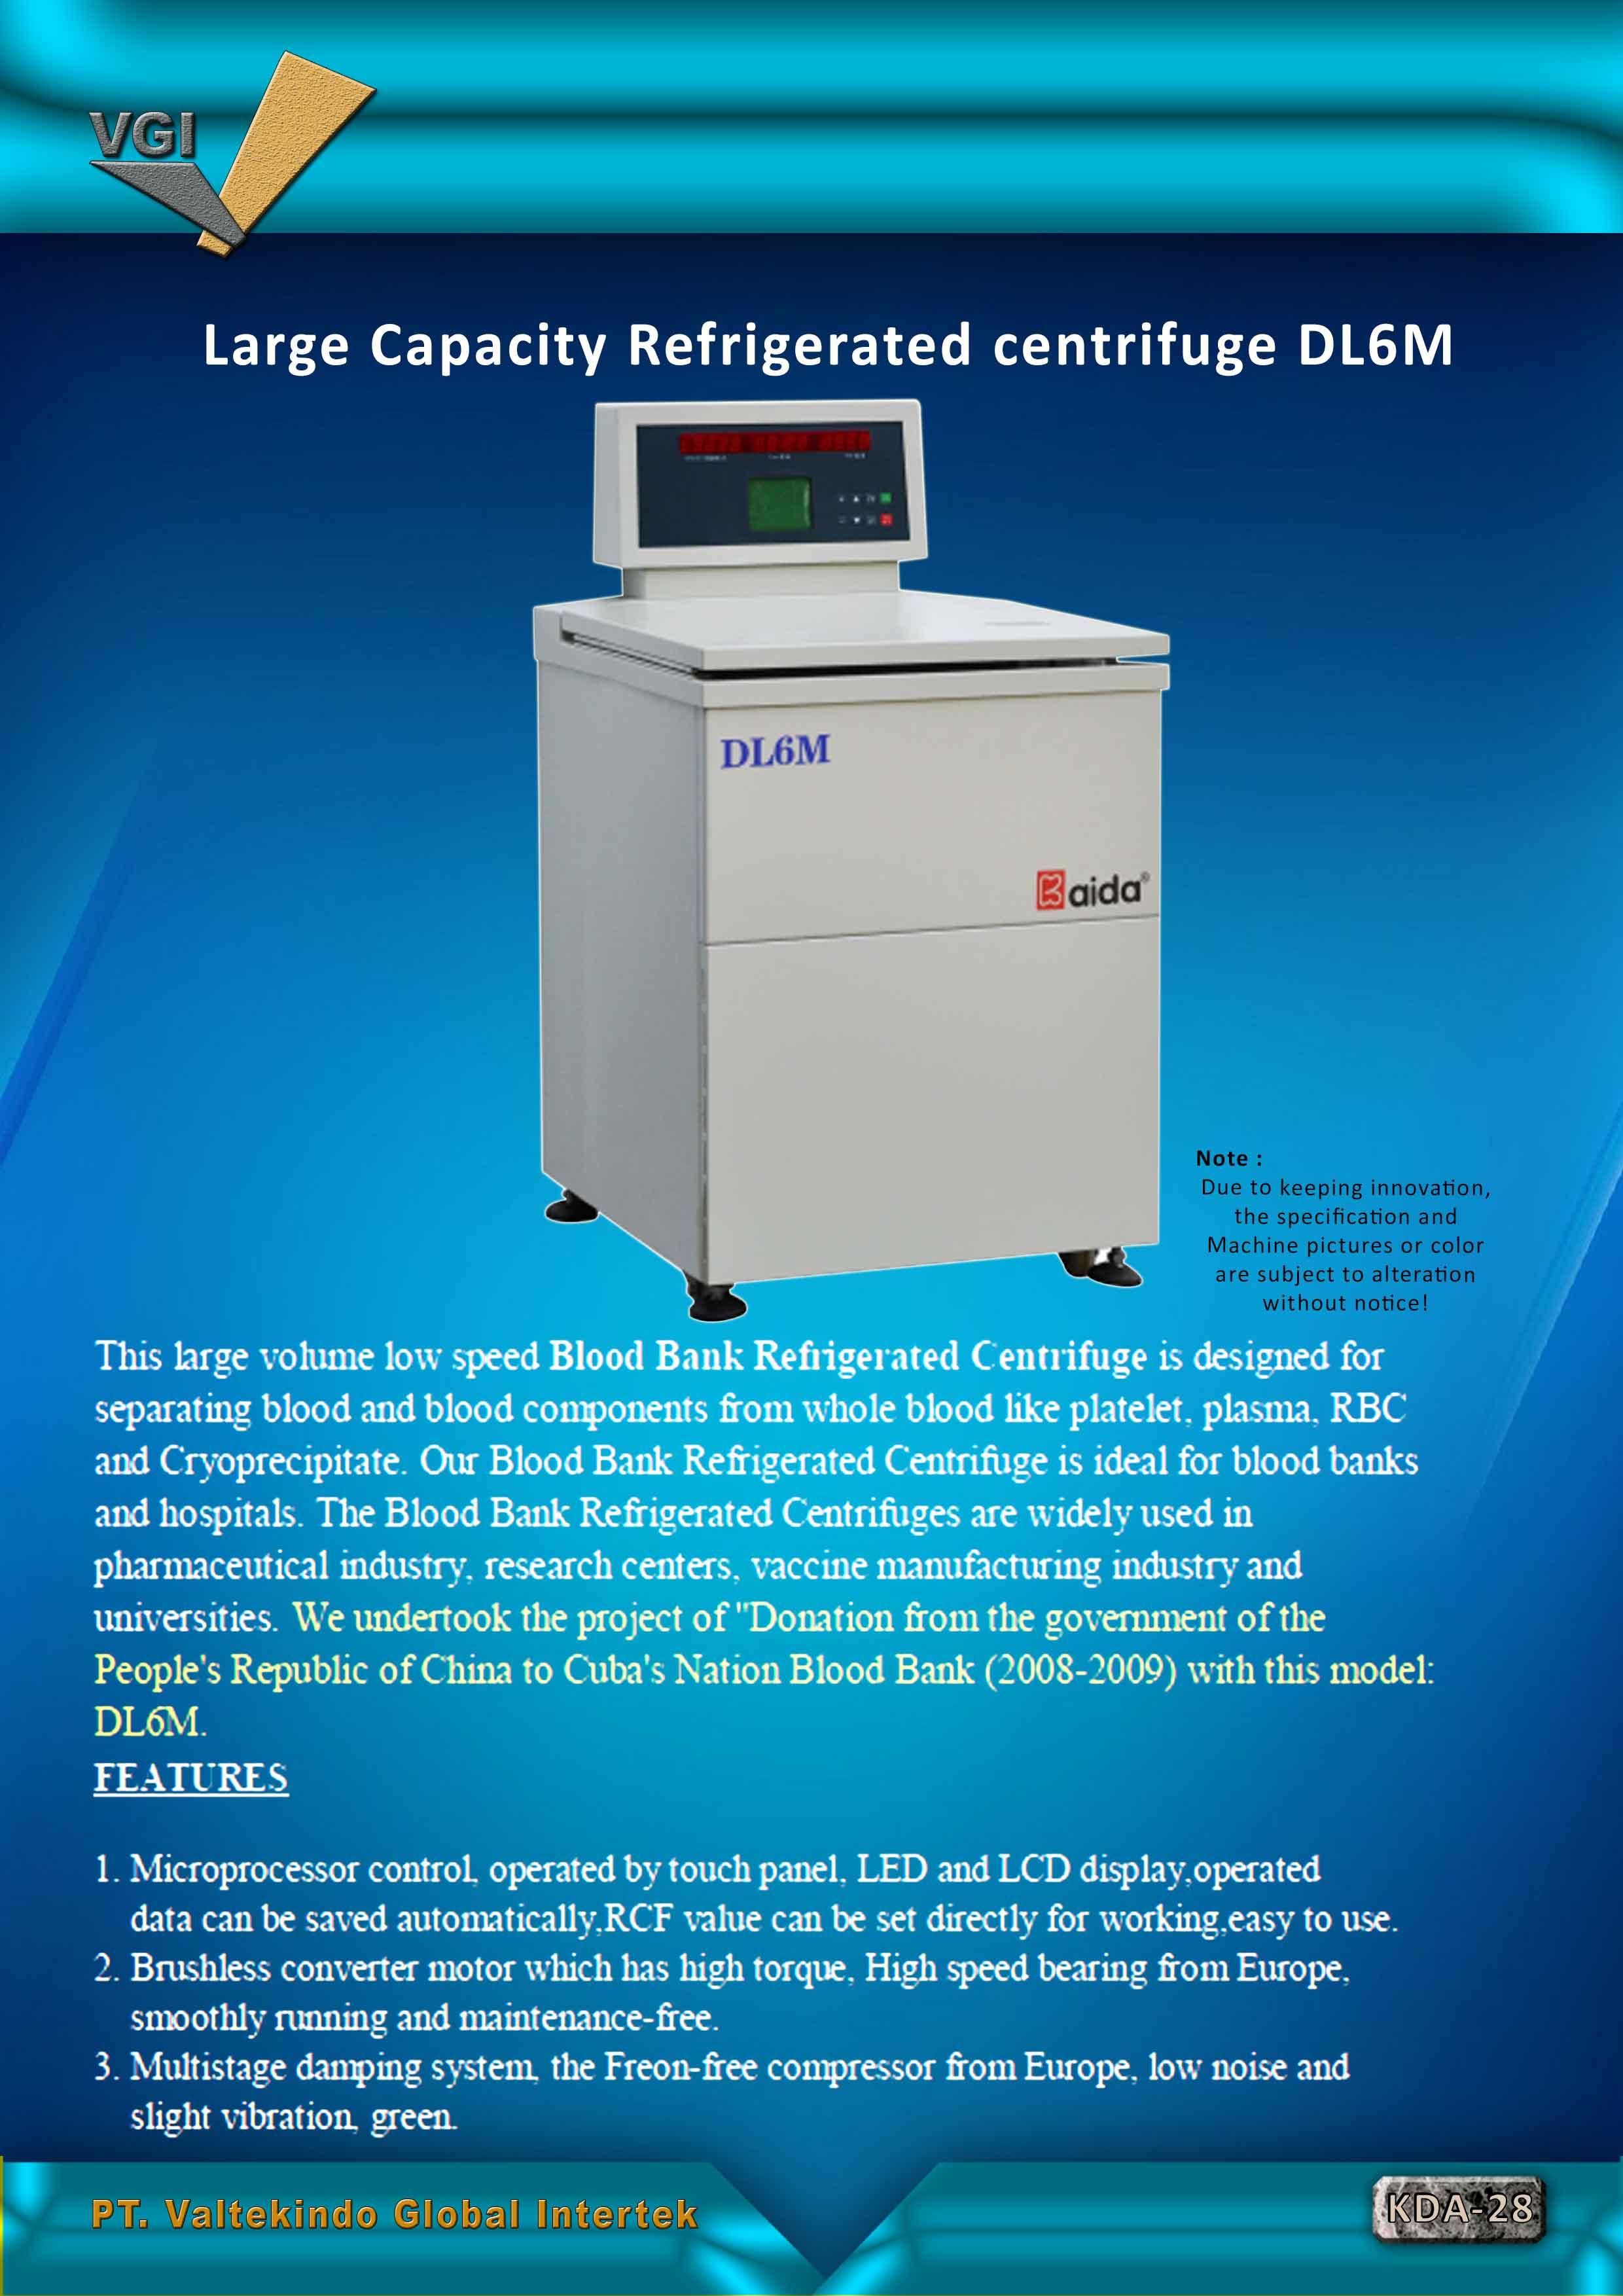 jual mesin, harga mesin, distributor mesin, jual mesin karet, daur ulang plastik Large Capacity Refrigerated Centrifuge Large Capacity Refrigerated Centrifuge